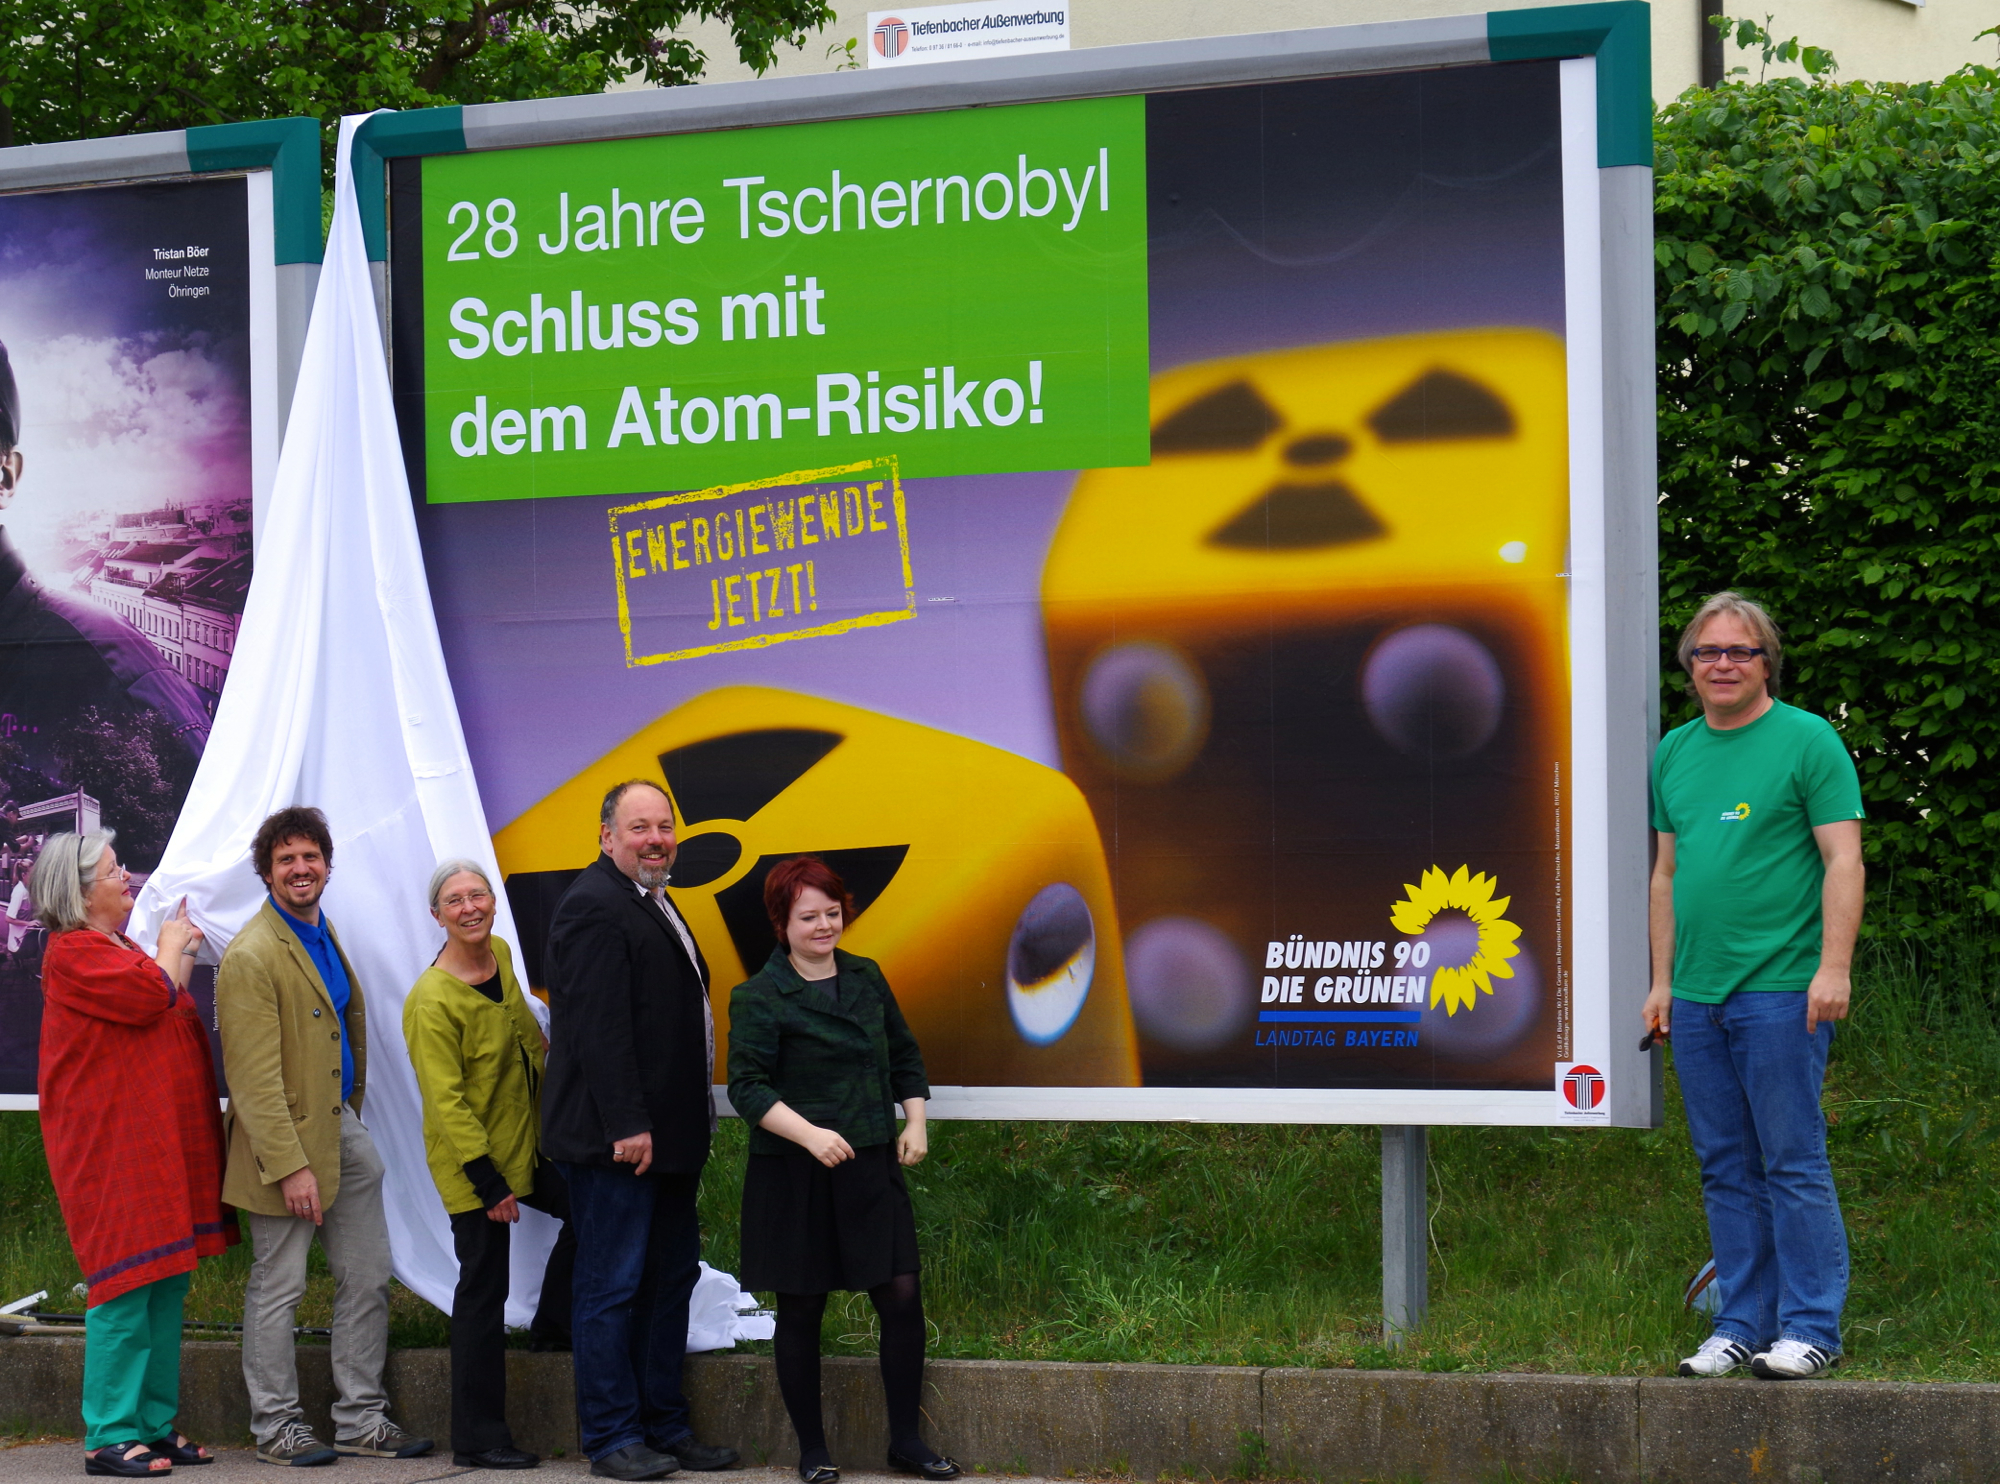 """Die """"EnthüllerInnen"""" v.l.n.r.: Christoph Leikam, Renate Grädler, Dr. Ursula Burkhardt, Tom Aurnhammer, Verena Osgyan und Andreas Hofmann"""